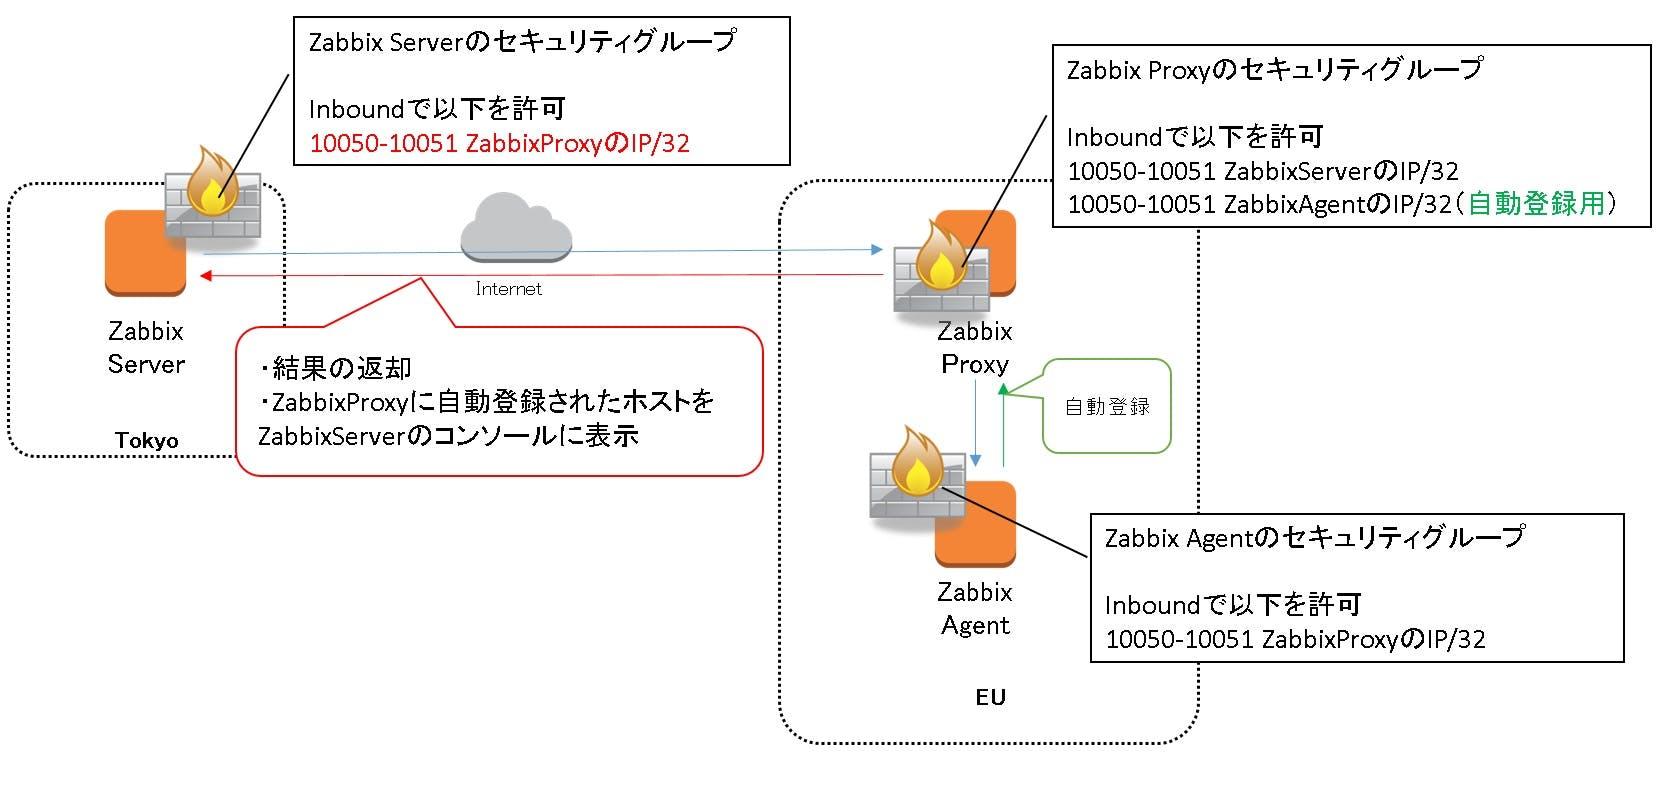 ZabbixProxy1.jpg